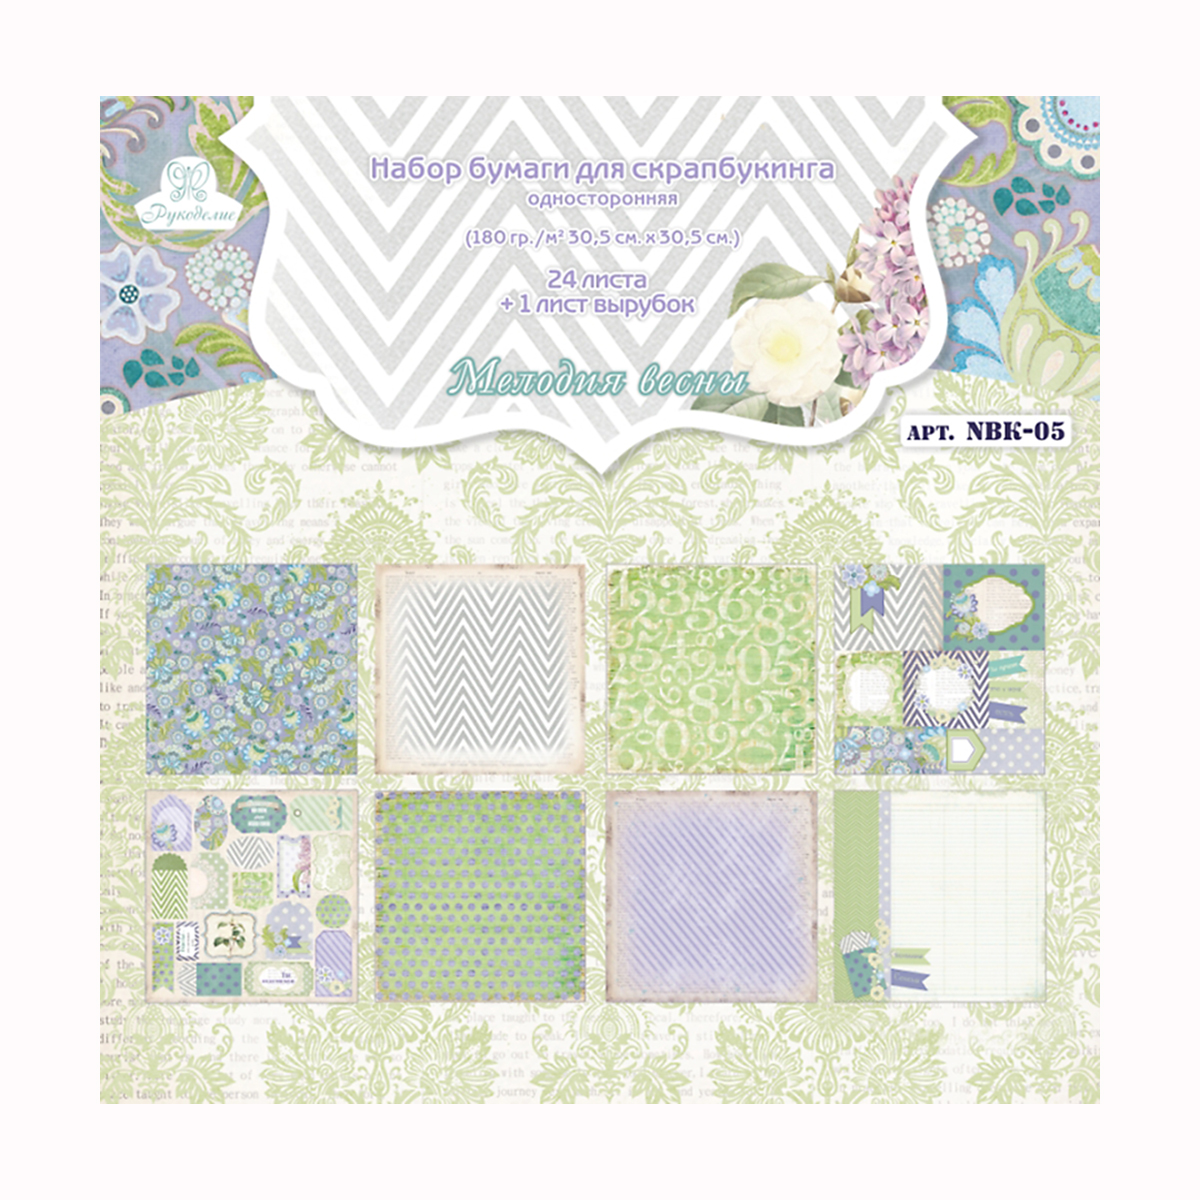 Набор бумаги для скрапбукинга Рукоделие Мелодия весны, 30,5 х 30,5 см где можно продать рукоделие в кемерово